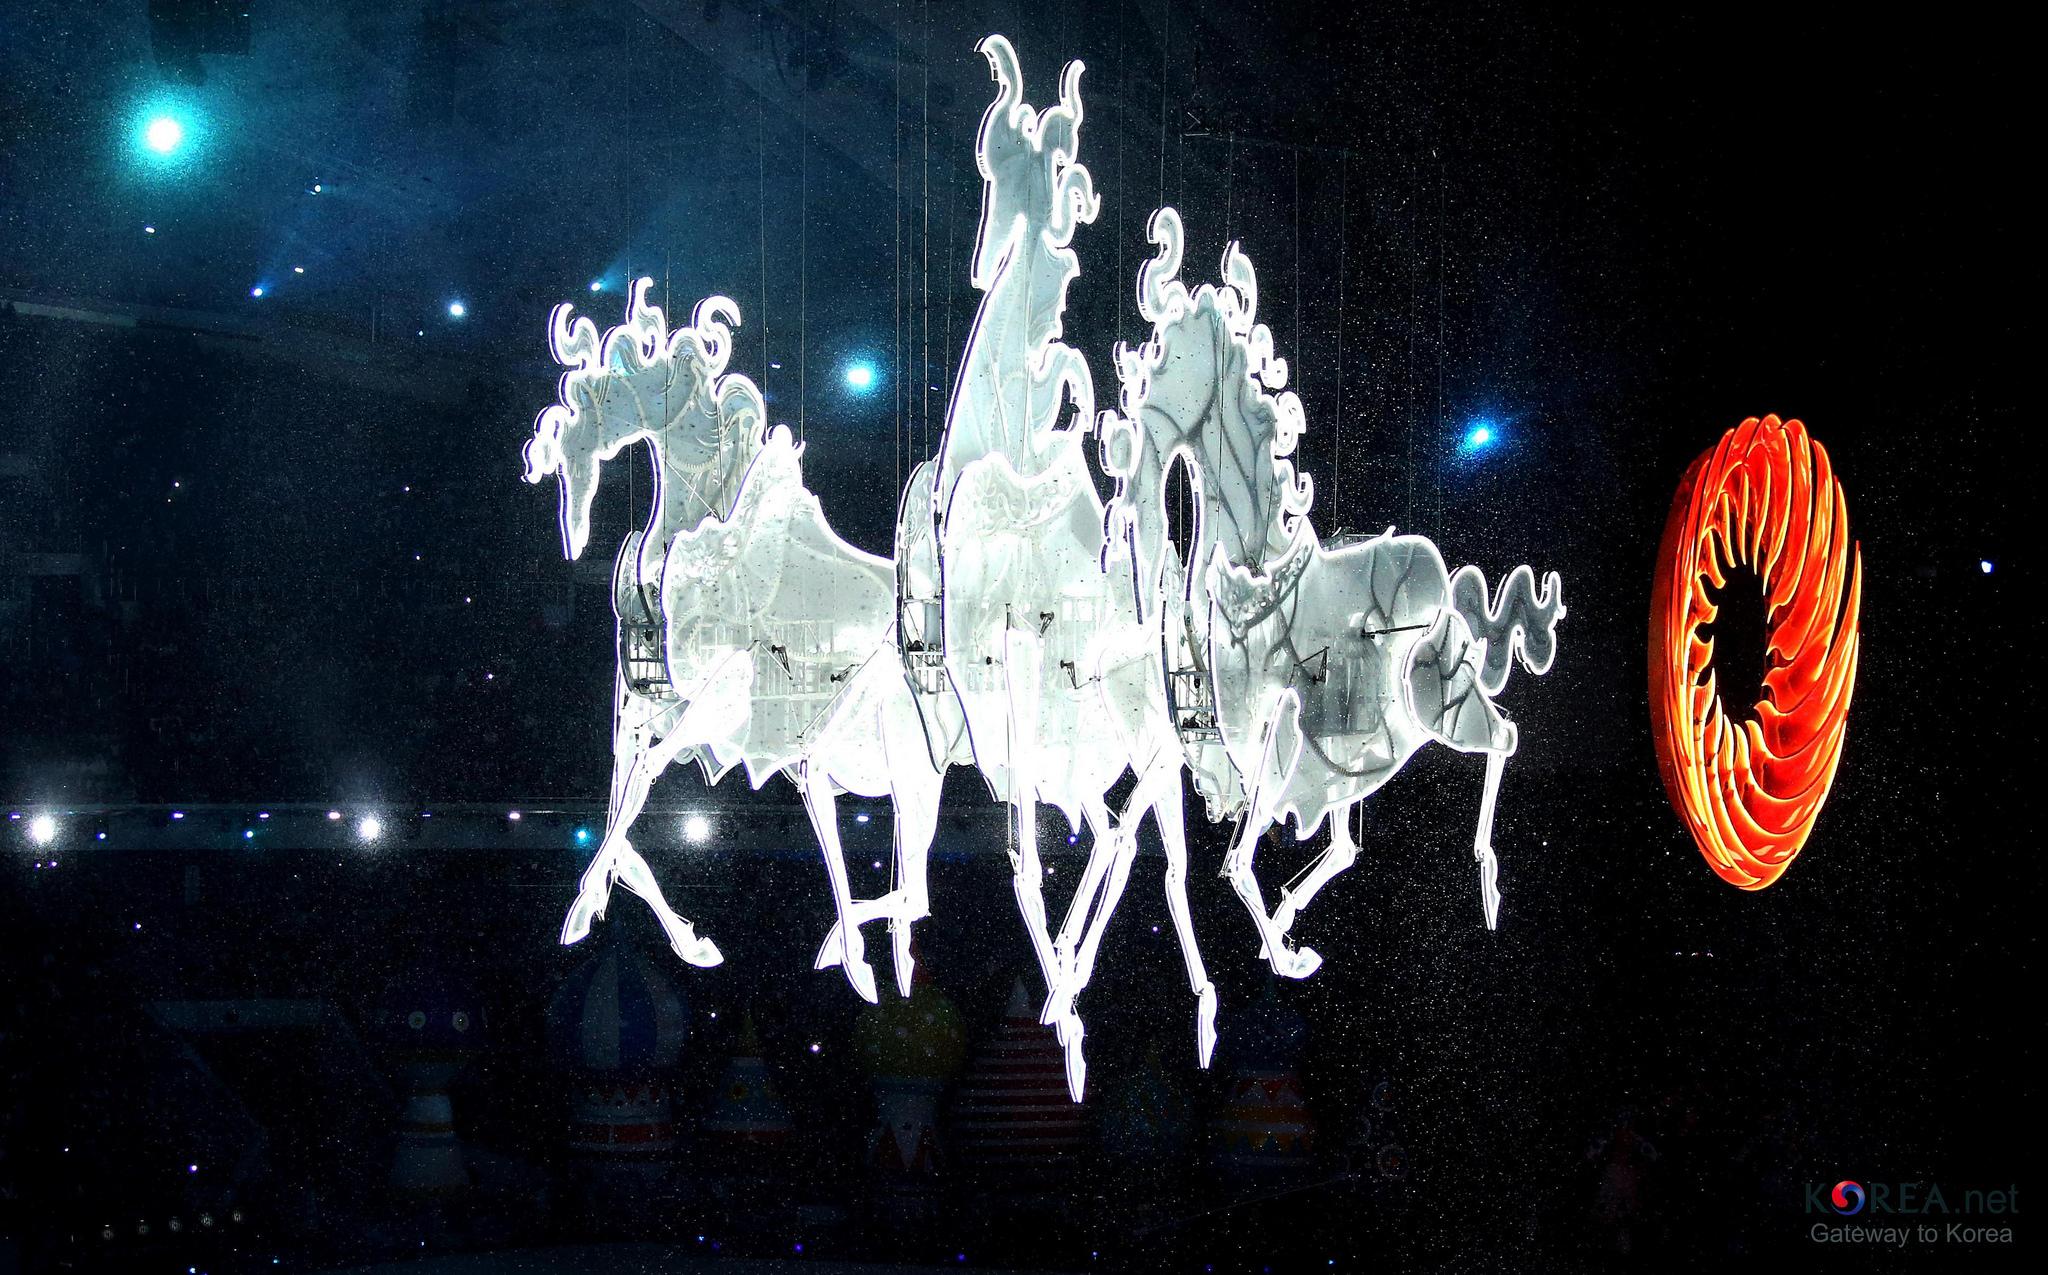 Олимпиада в Сочи открытие олимпиады районы проведения  Зимние олимпийские игры в Сочи